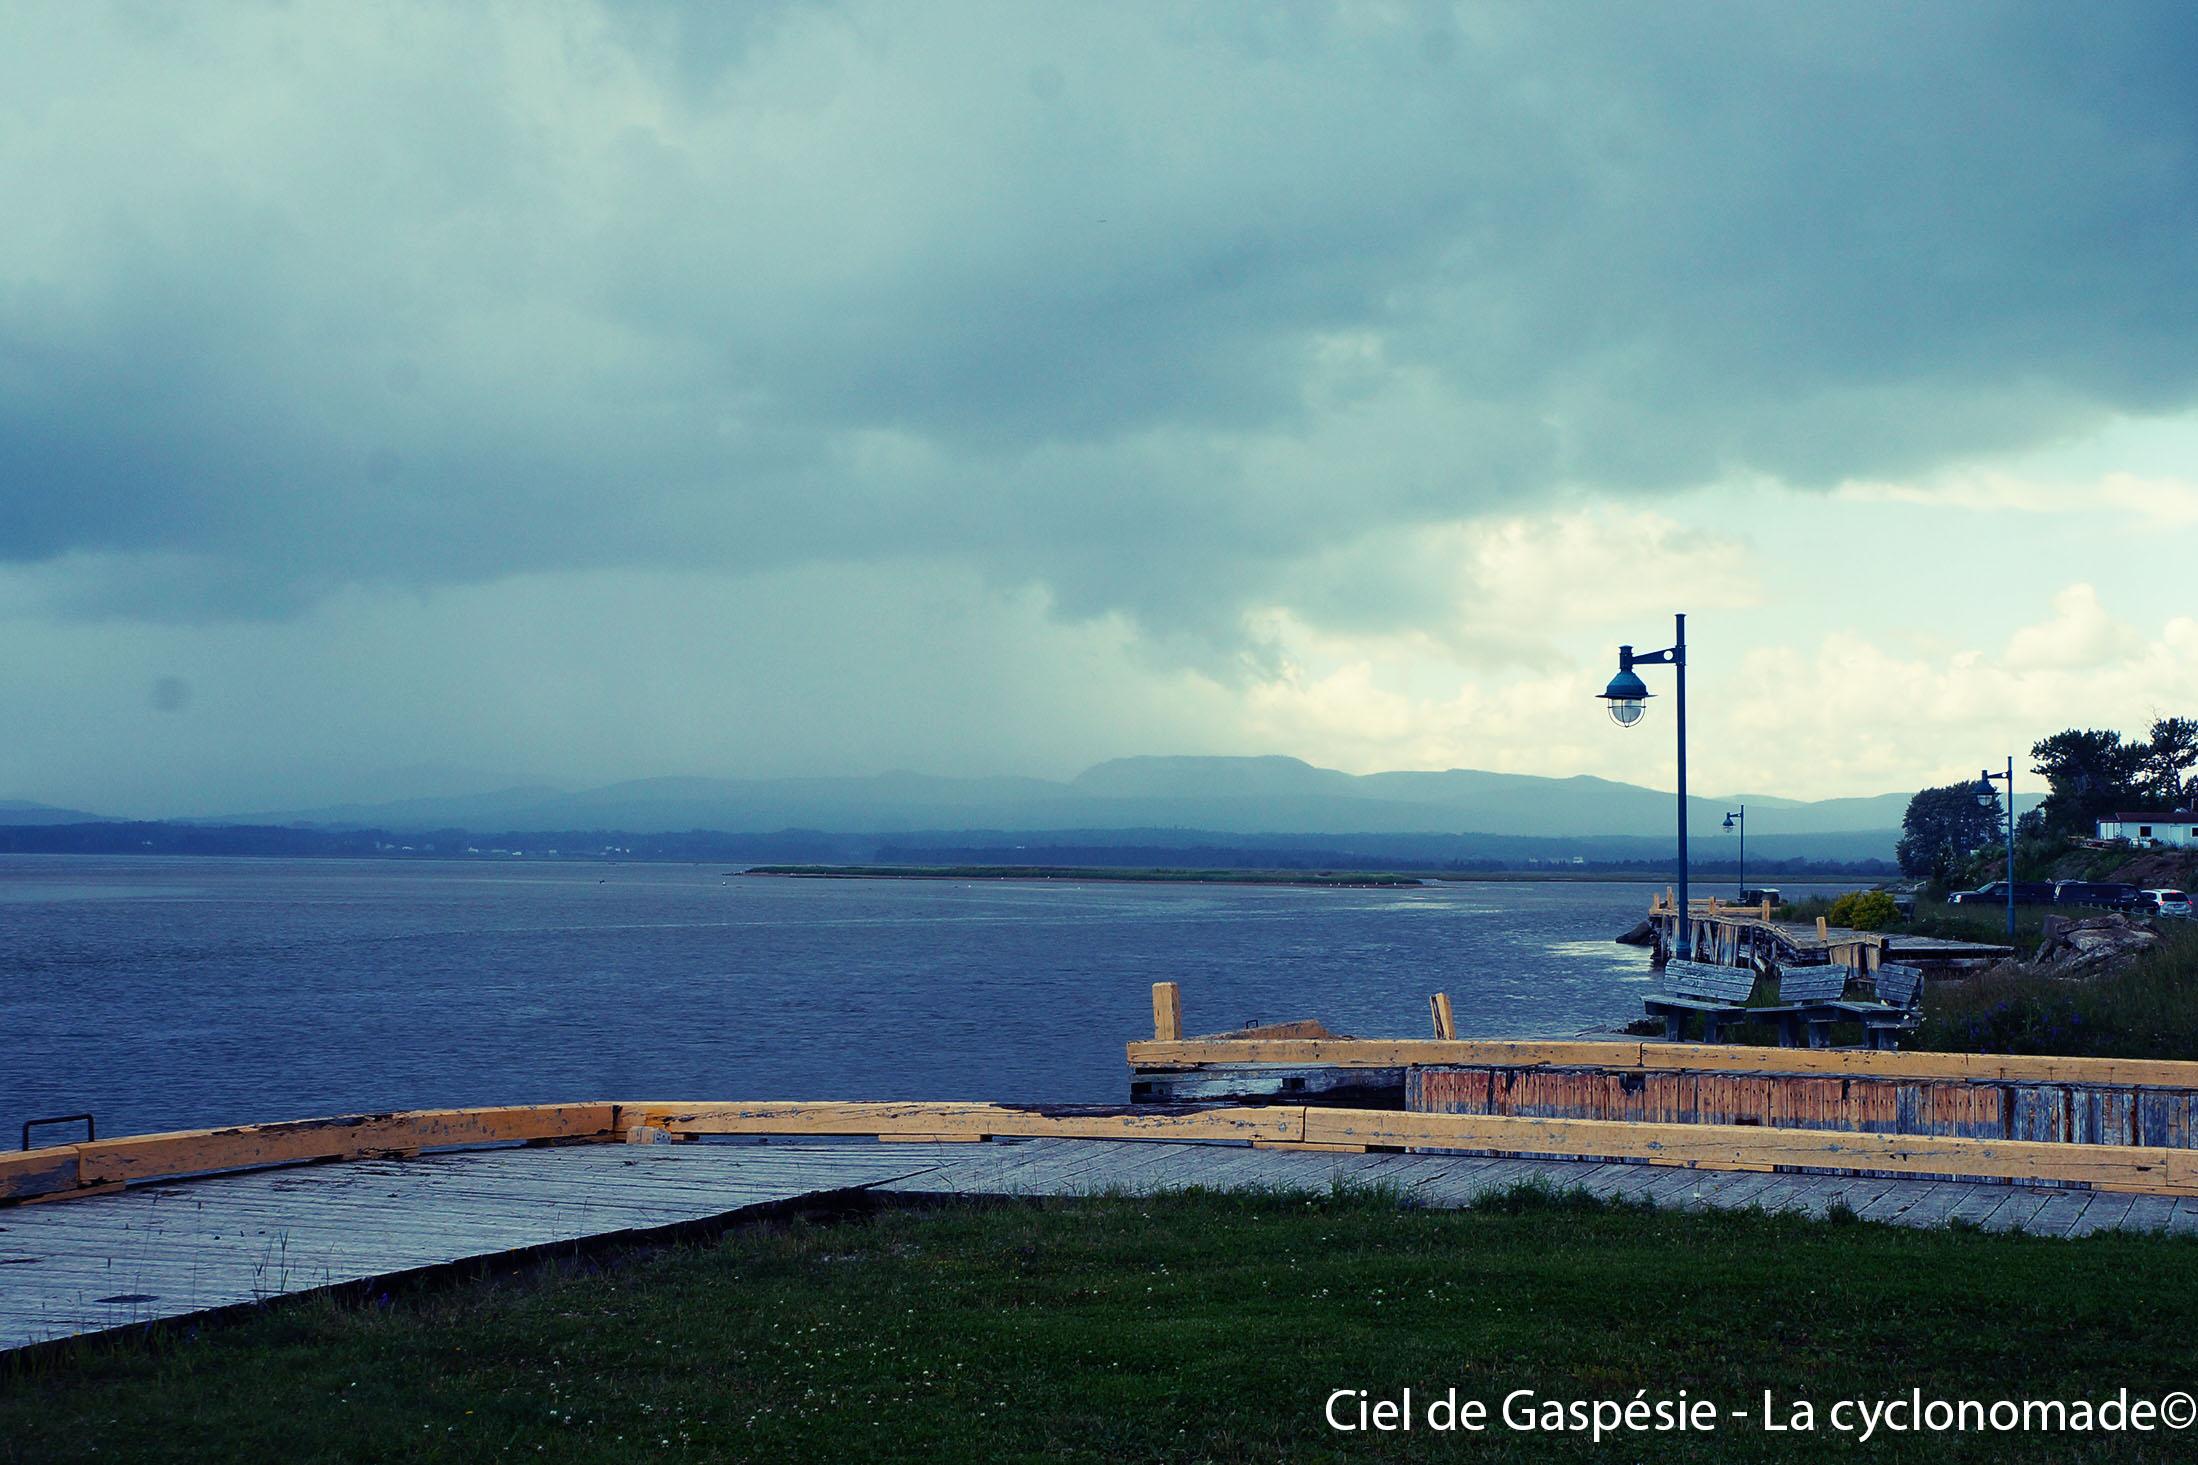 Ciels de Gaspésie